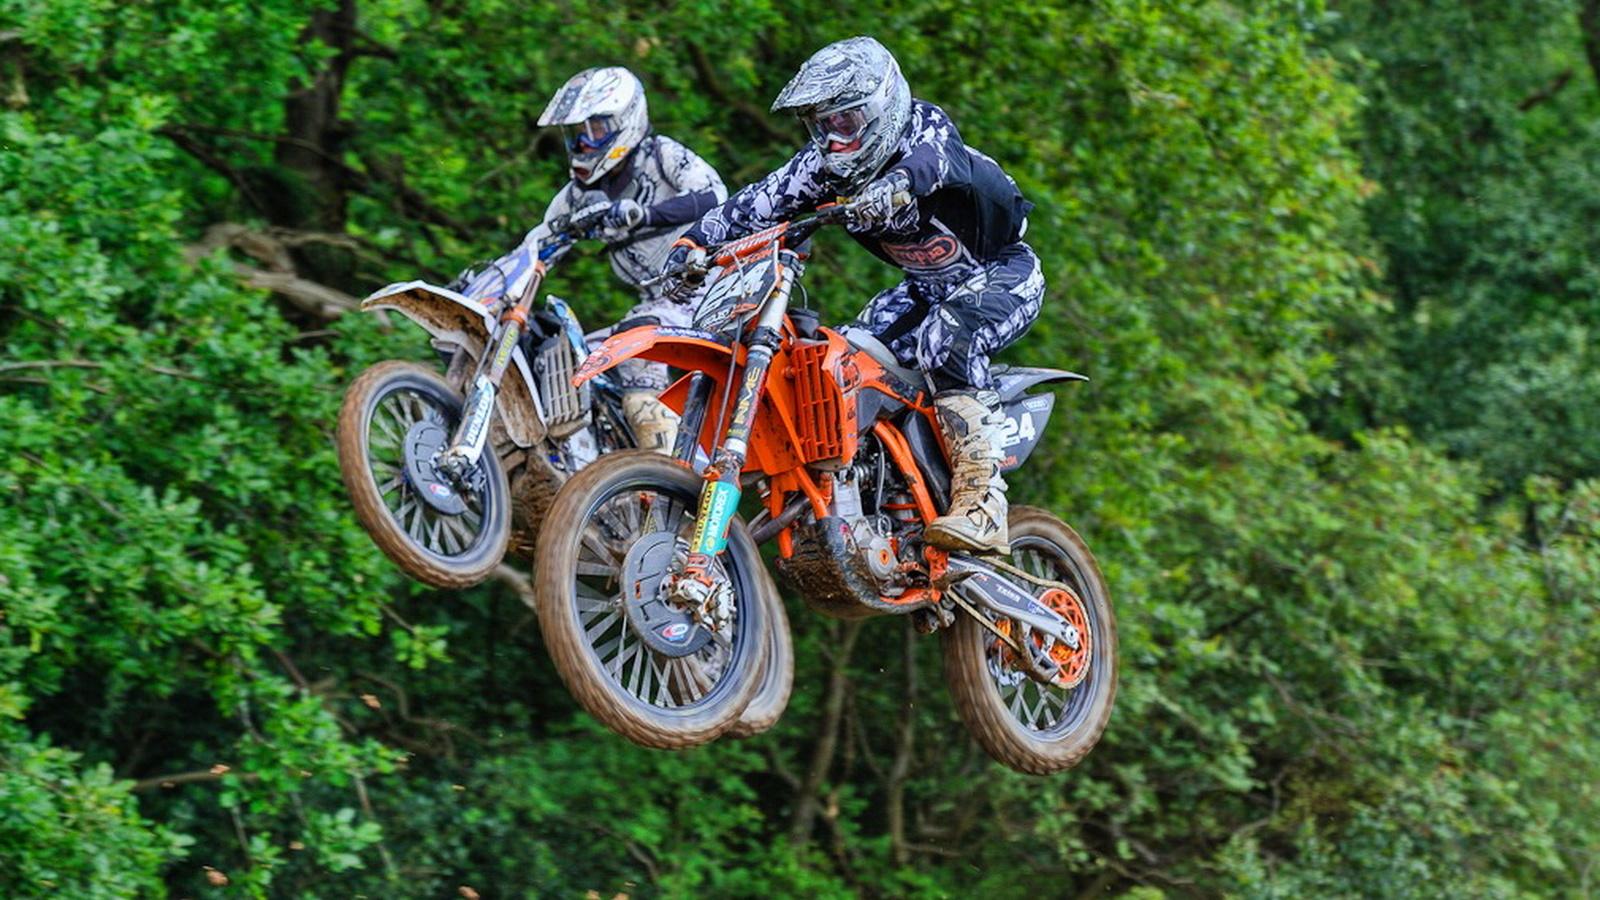 мотокросс, спорт, соревнования, гонщик, красота, мотоцикл, пара, полет